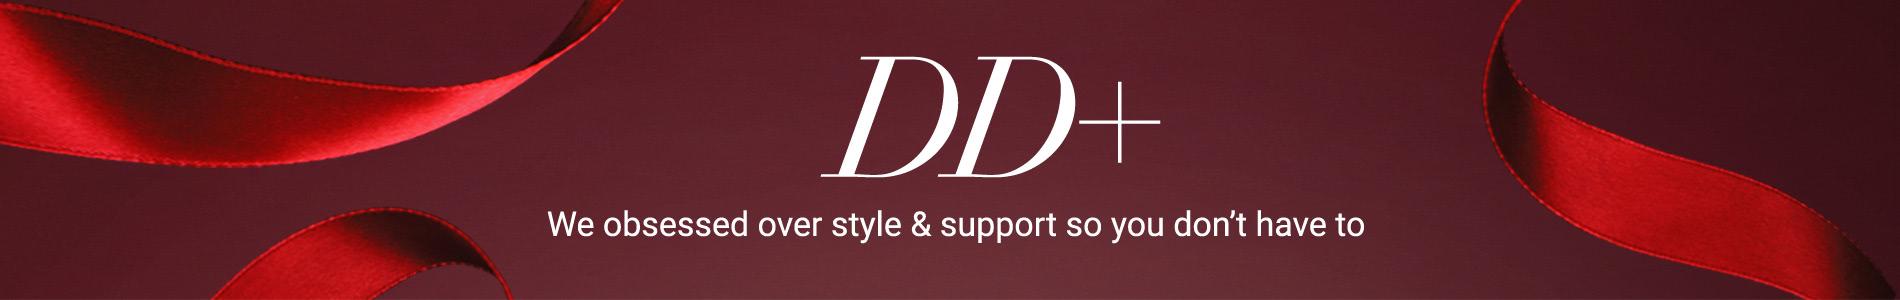 Shop All DD+ Bras